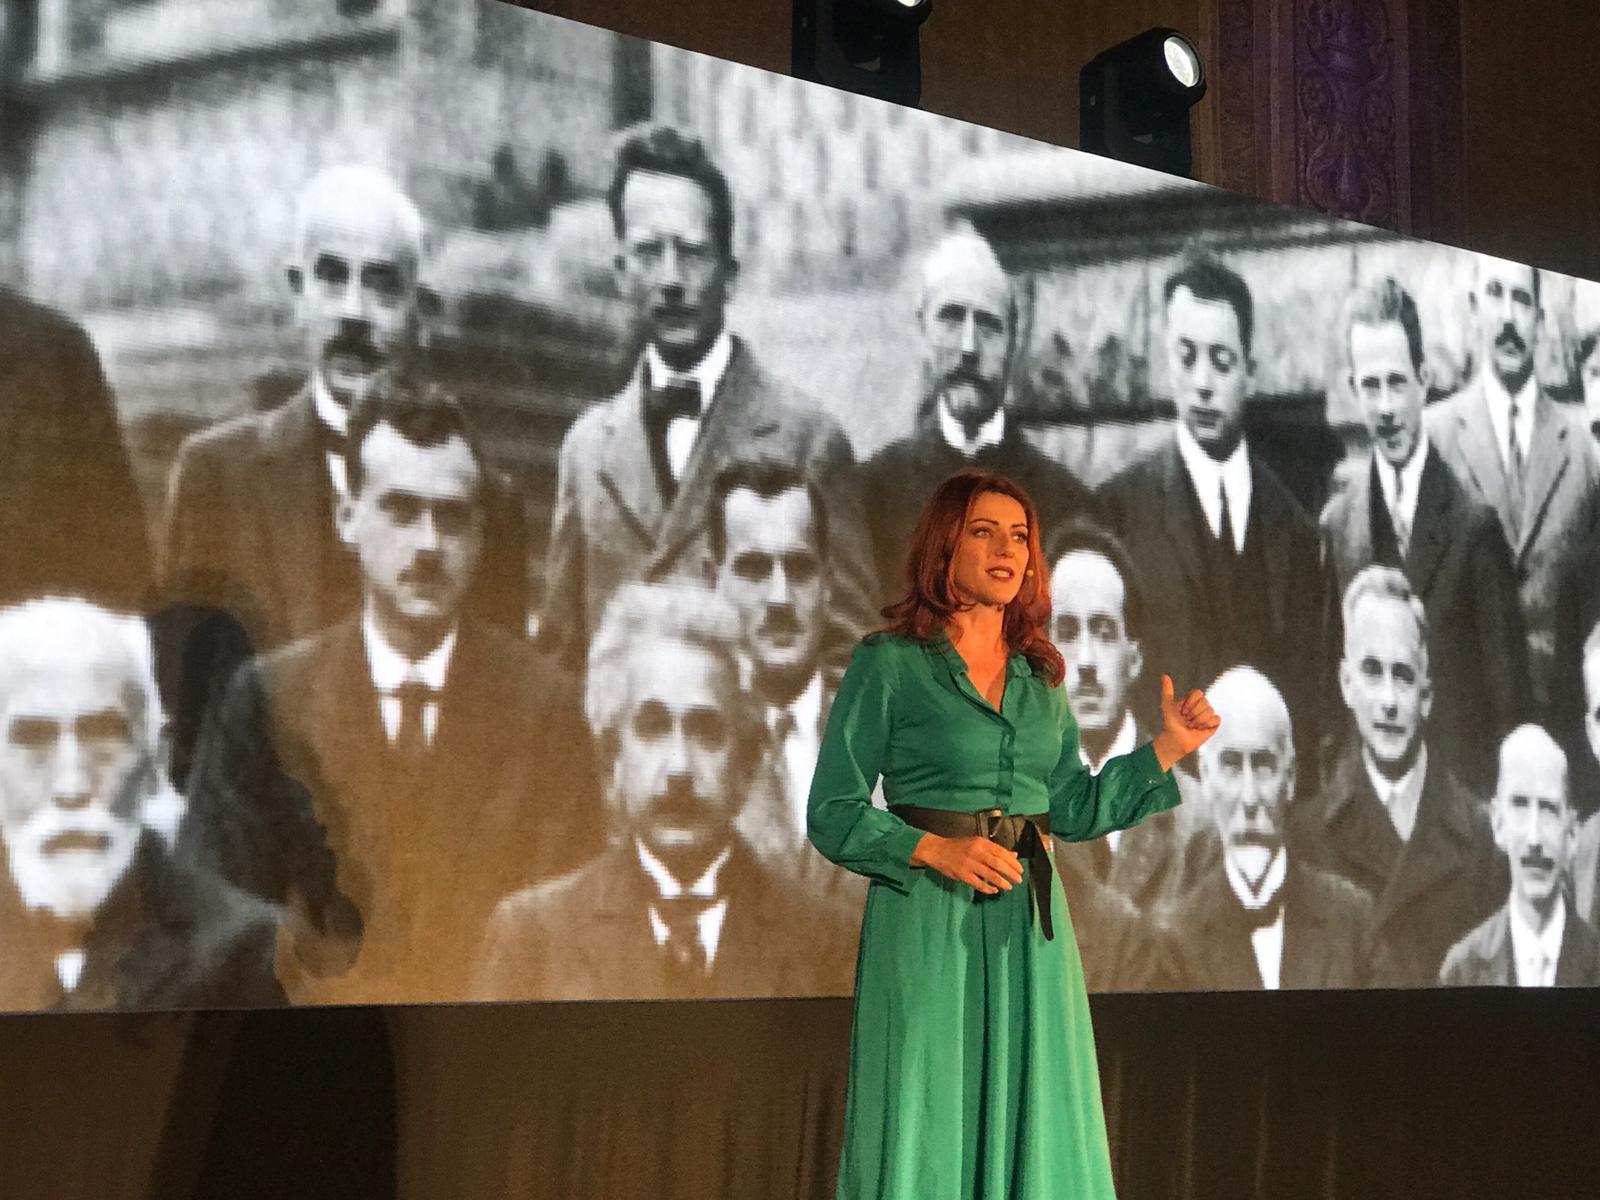 Come testimonial STEM verso #Dubai2020 l'evento a Palazzo Venezia a Roma…ecco il racconto